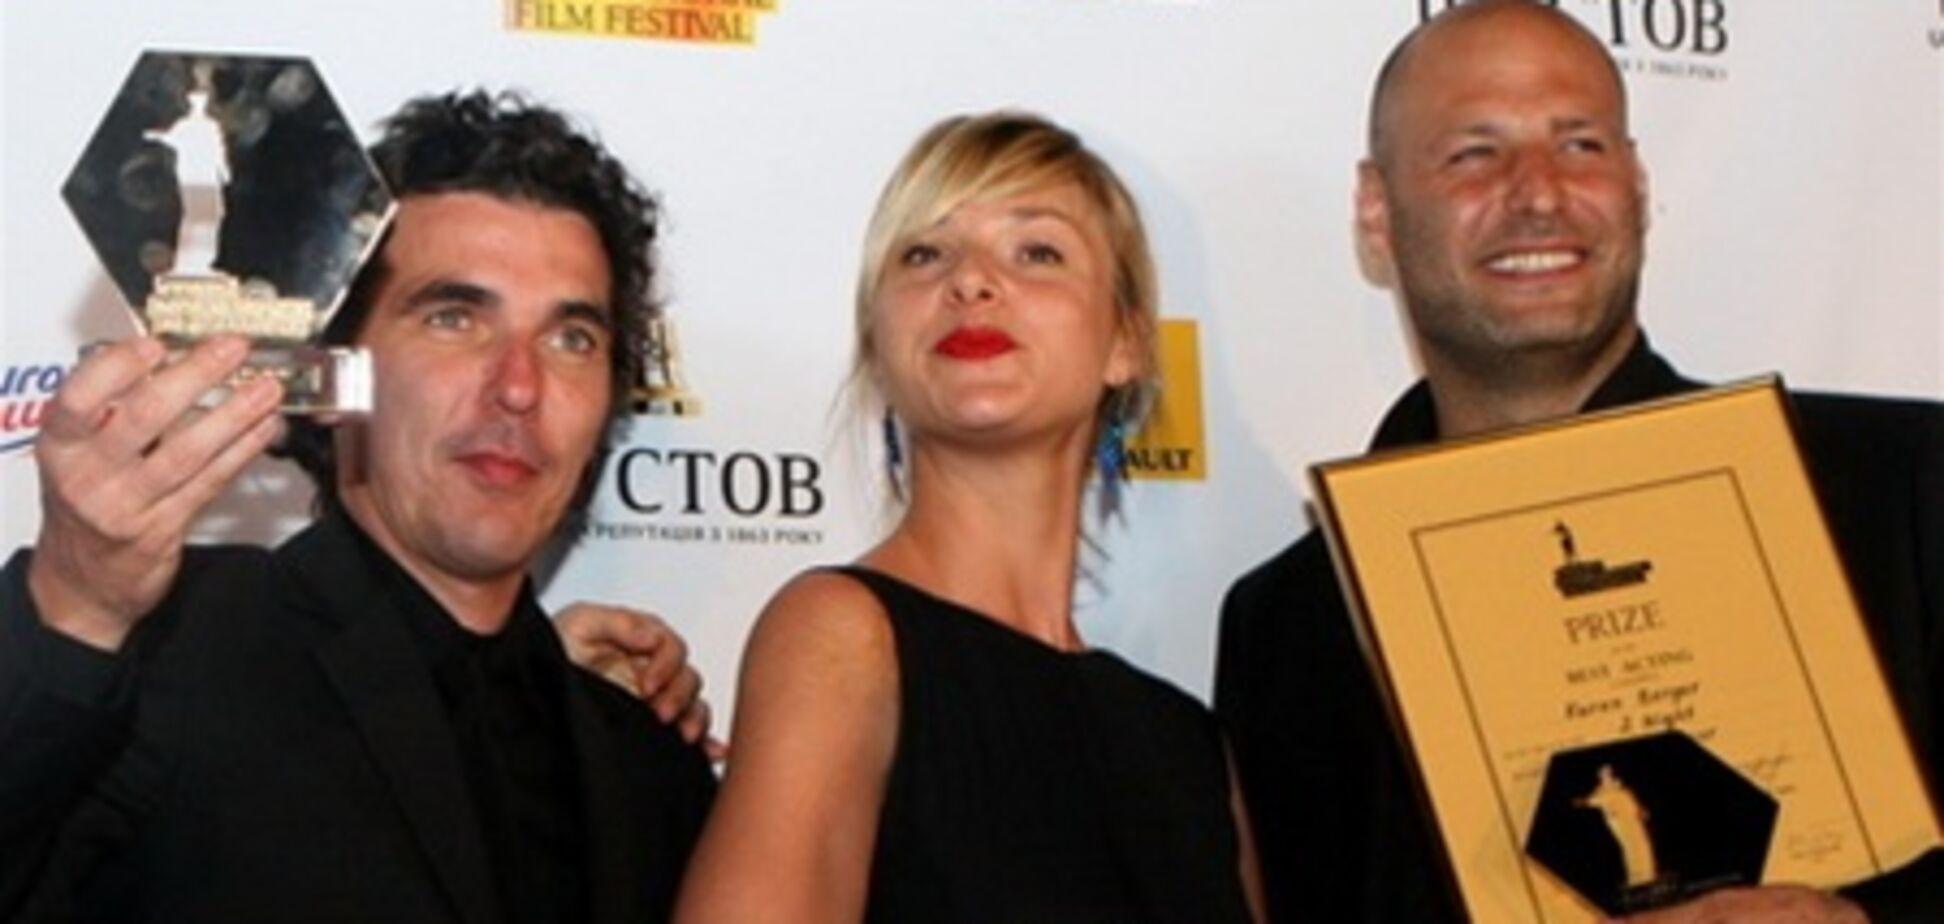 Одесский кинофестиваль раздал награды